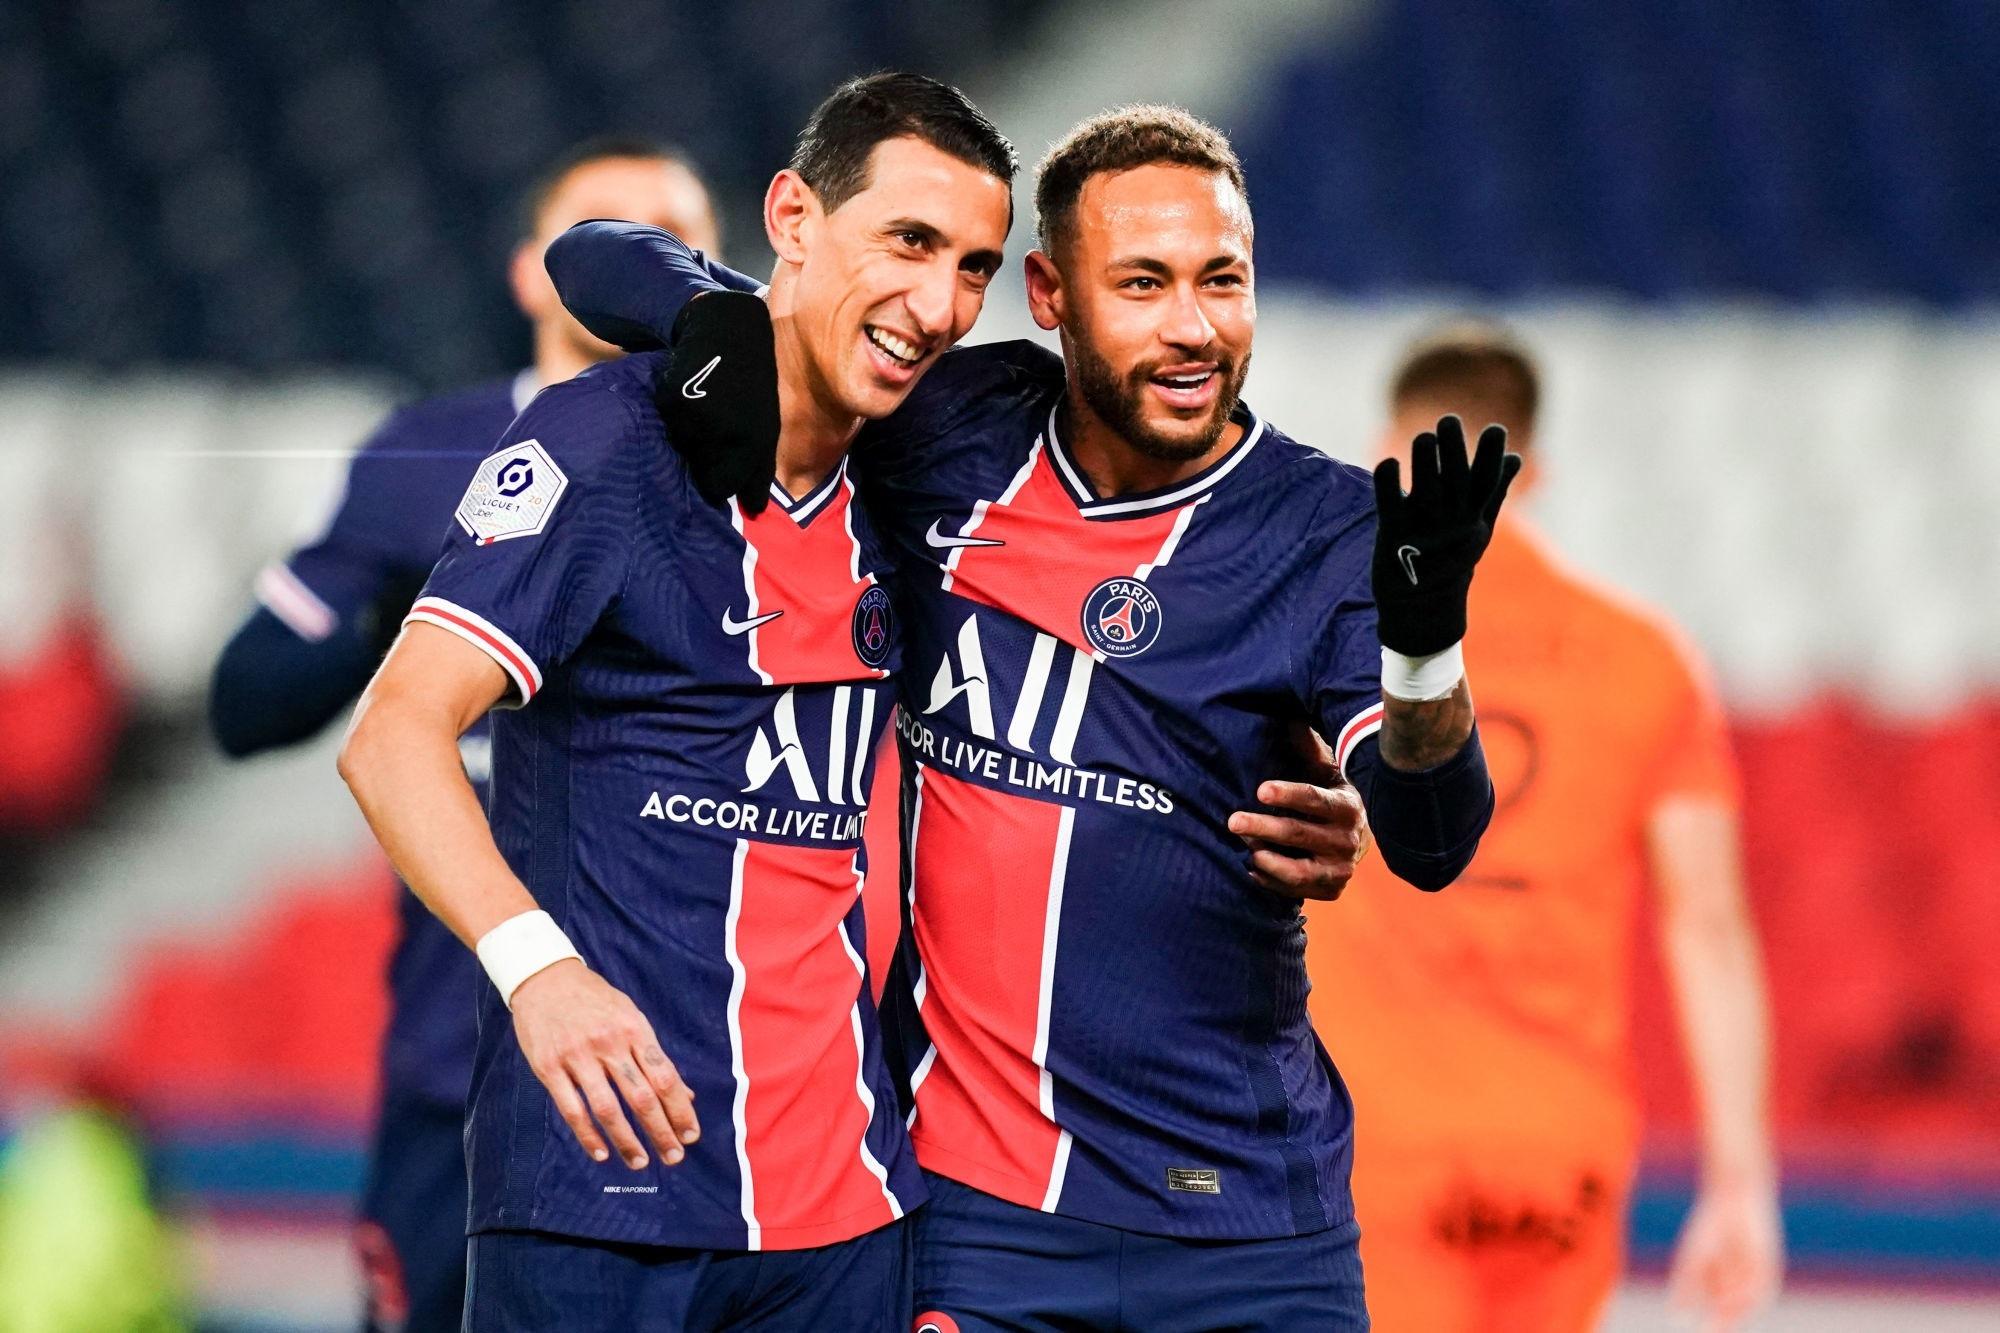 Di Maria de retour la semaine prochaine, Neymar pas avant le 3 mars indique Le Parisien